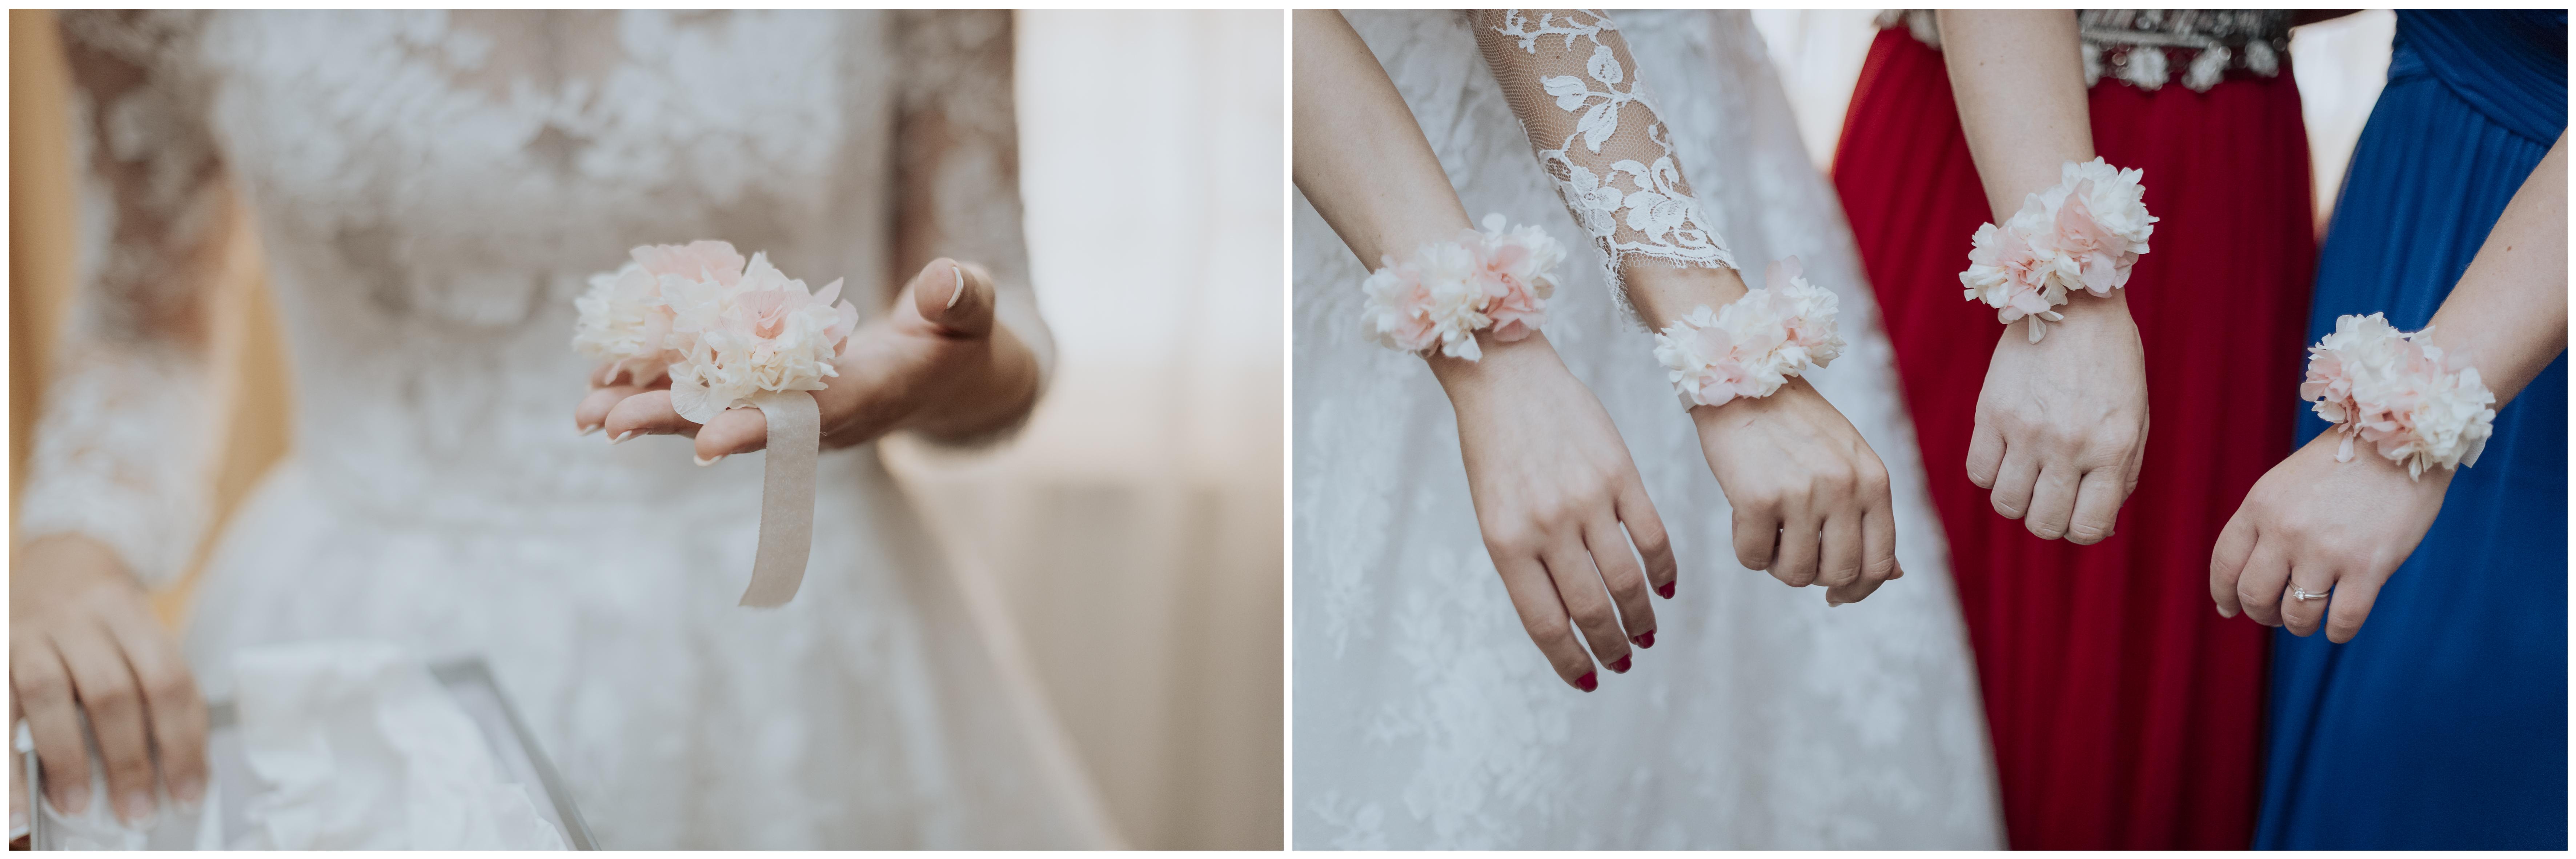 garatefotografia-fotografo-de-boda-en-Granada (62)